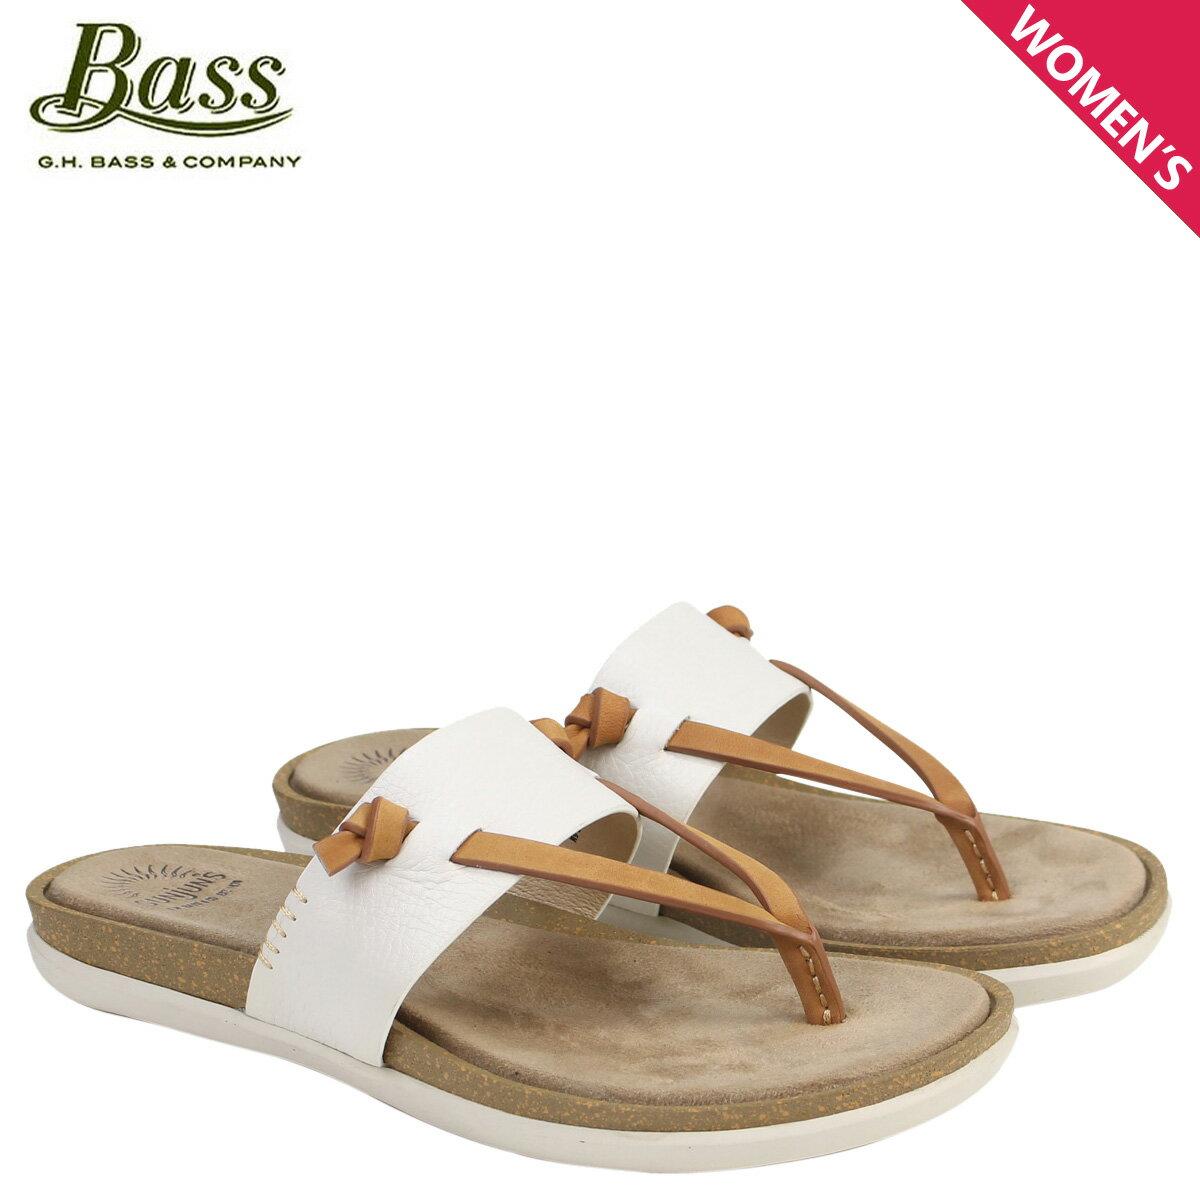 ジーエイチバス サンダル レディース G.H. BASS トング SHANNON THONG SUNJUNS 71-23010 靴 ホワイト [177]